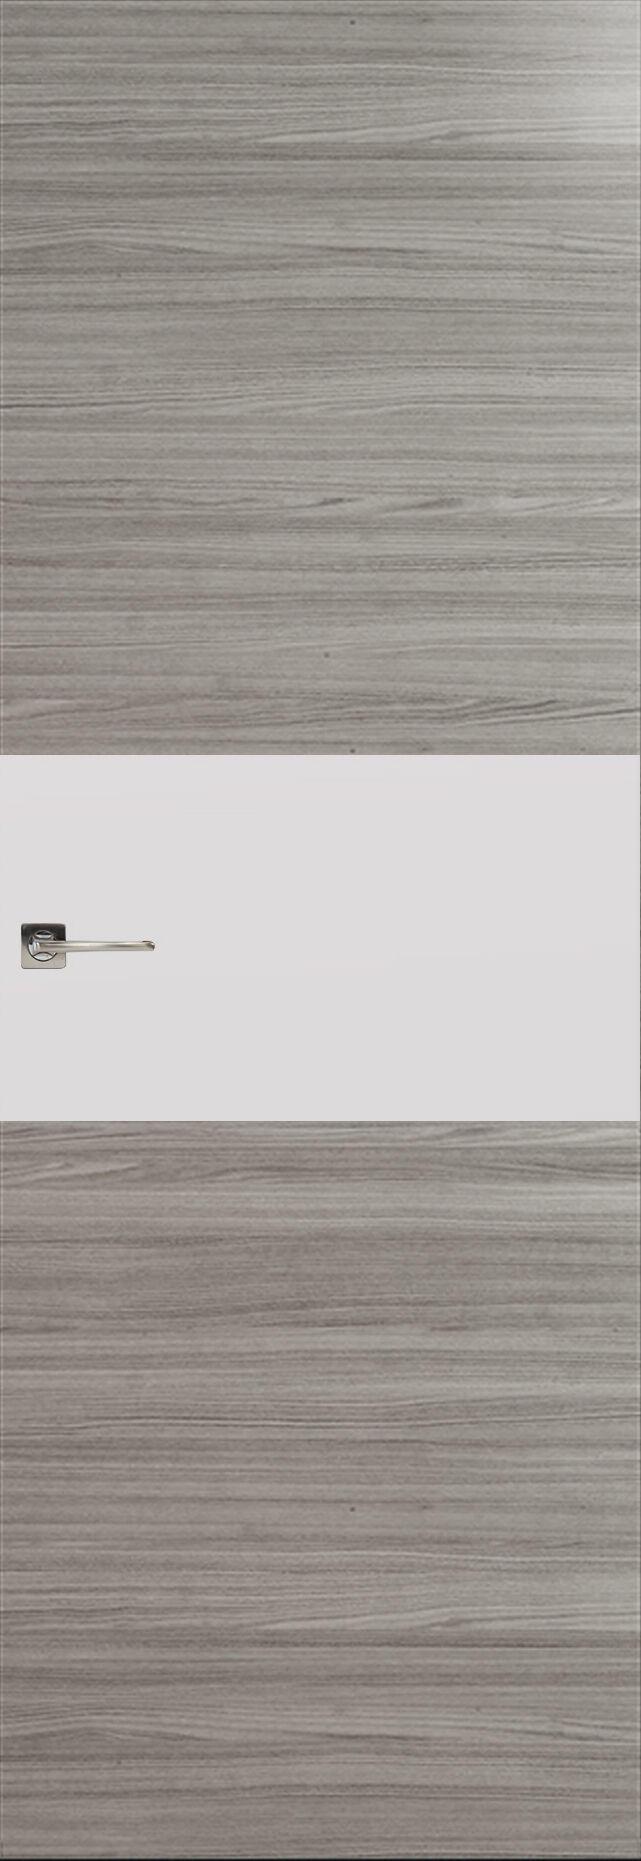 Tivoli Е-4 Невидимка цвет - Орех пепельный Без стекла (ДГ)